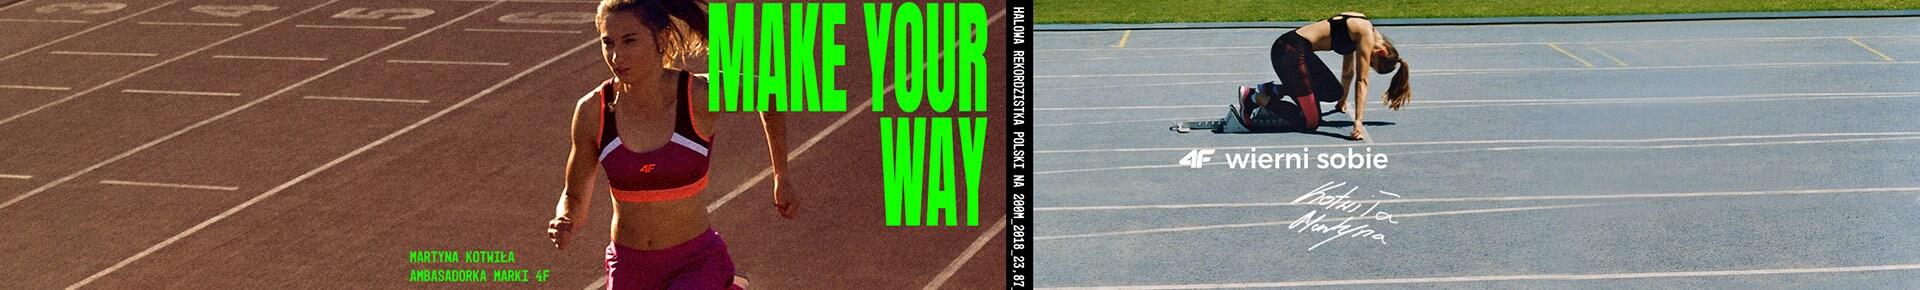 Podążaj swoją drogą. 4F Wierni sobie